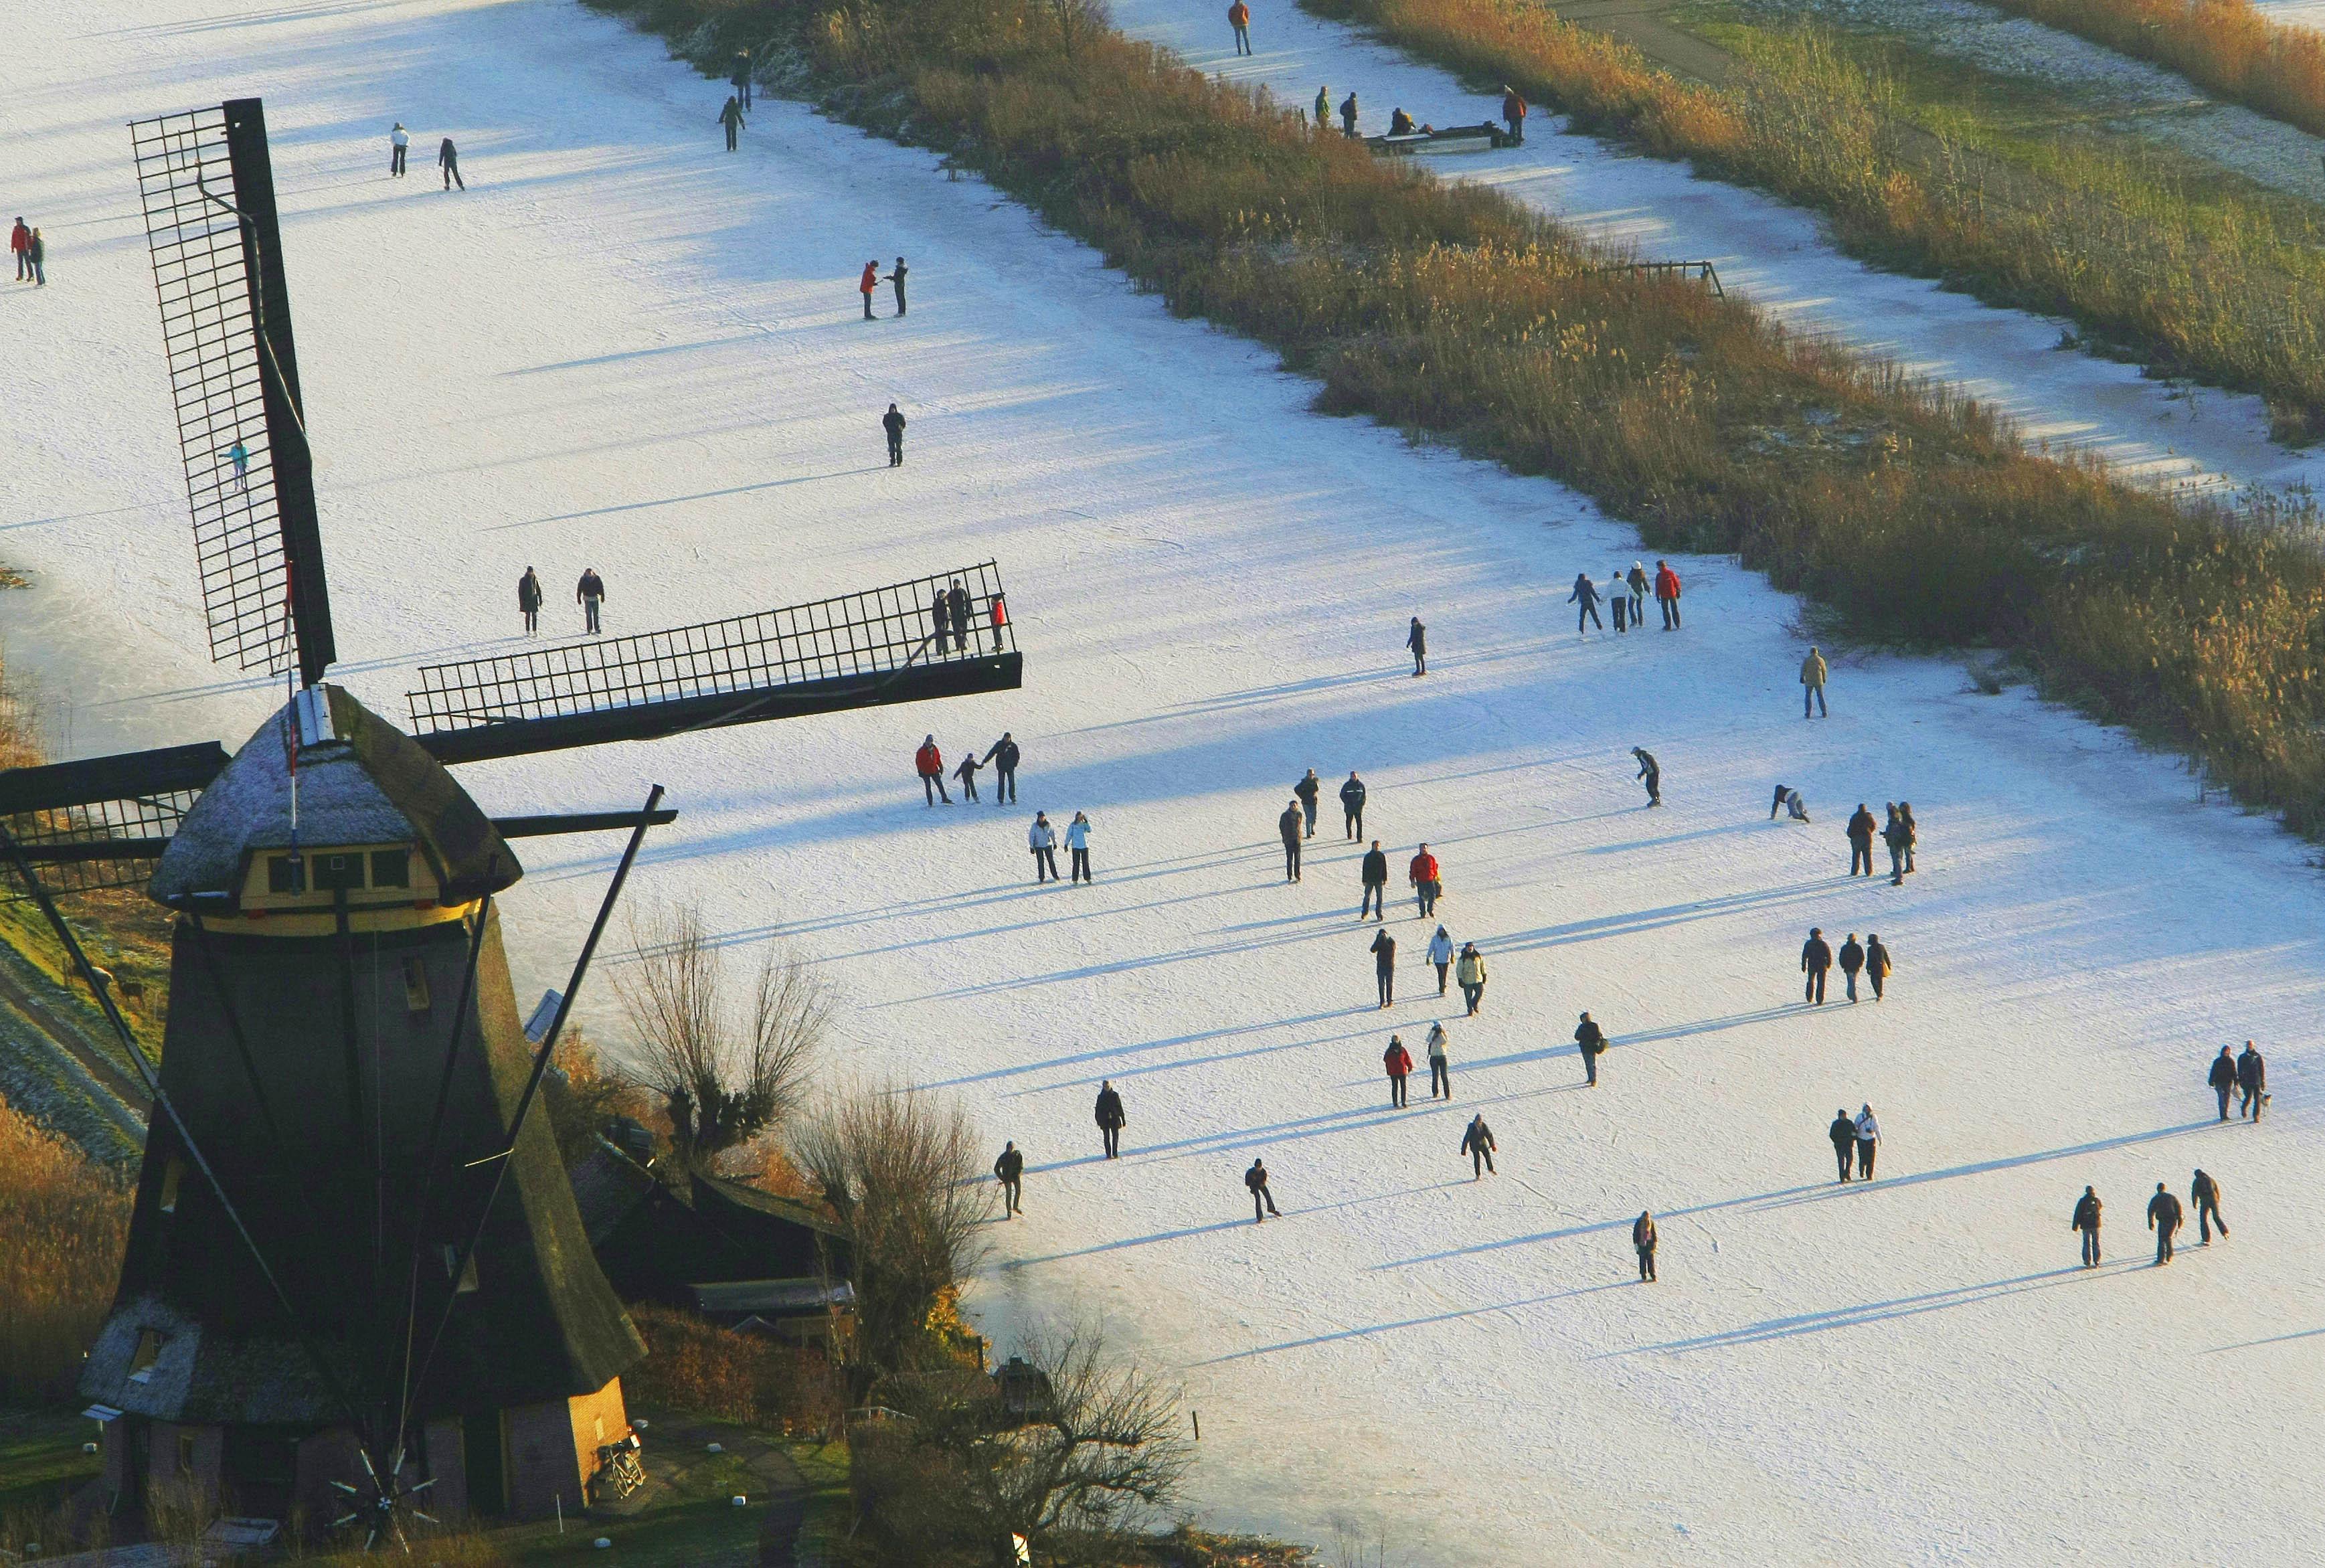 'Drukste weekend voor wintersportfiles komt eraan'